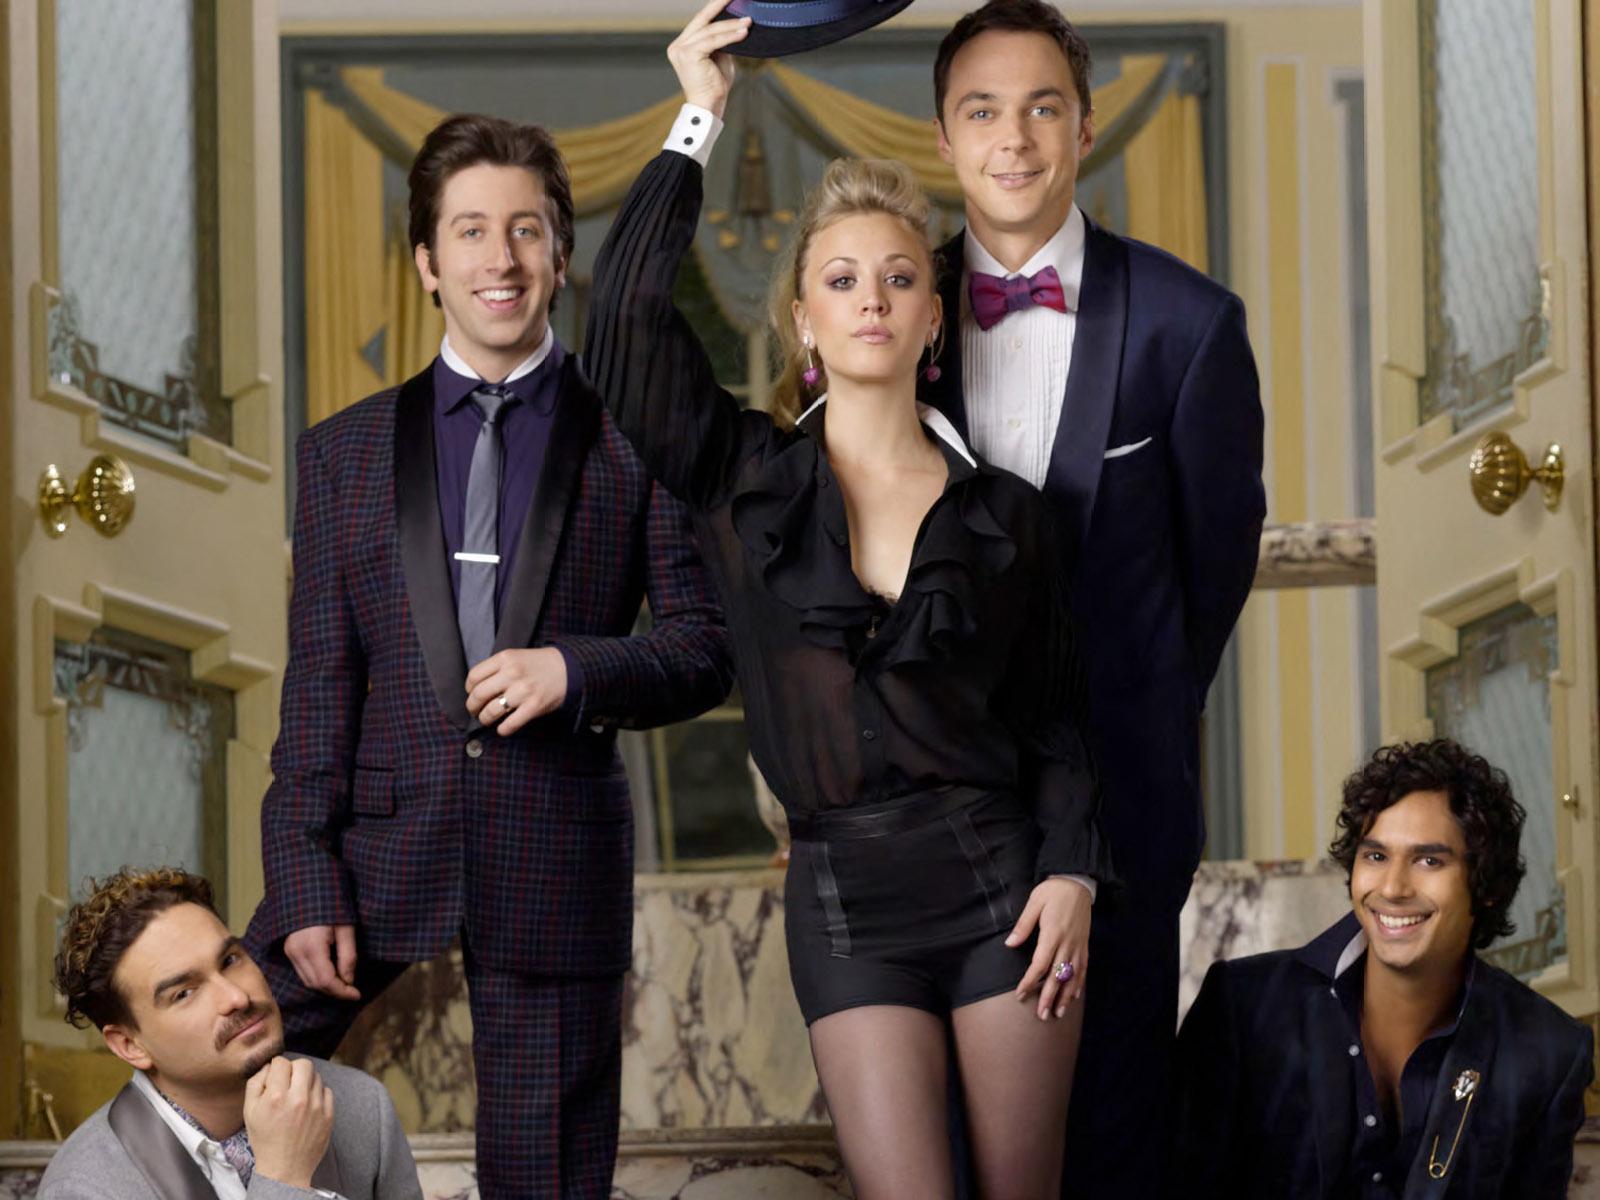 big bang theory season 4 full episodes download